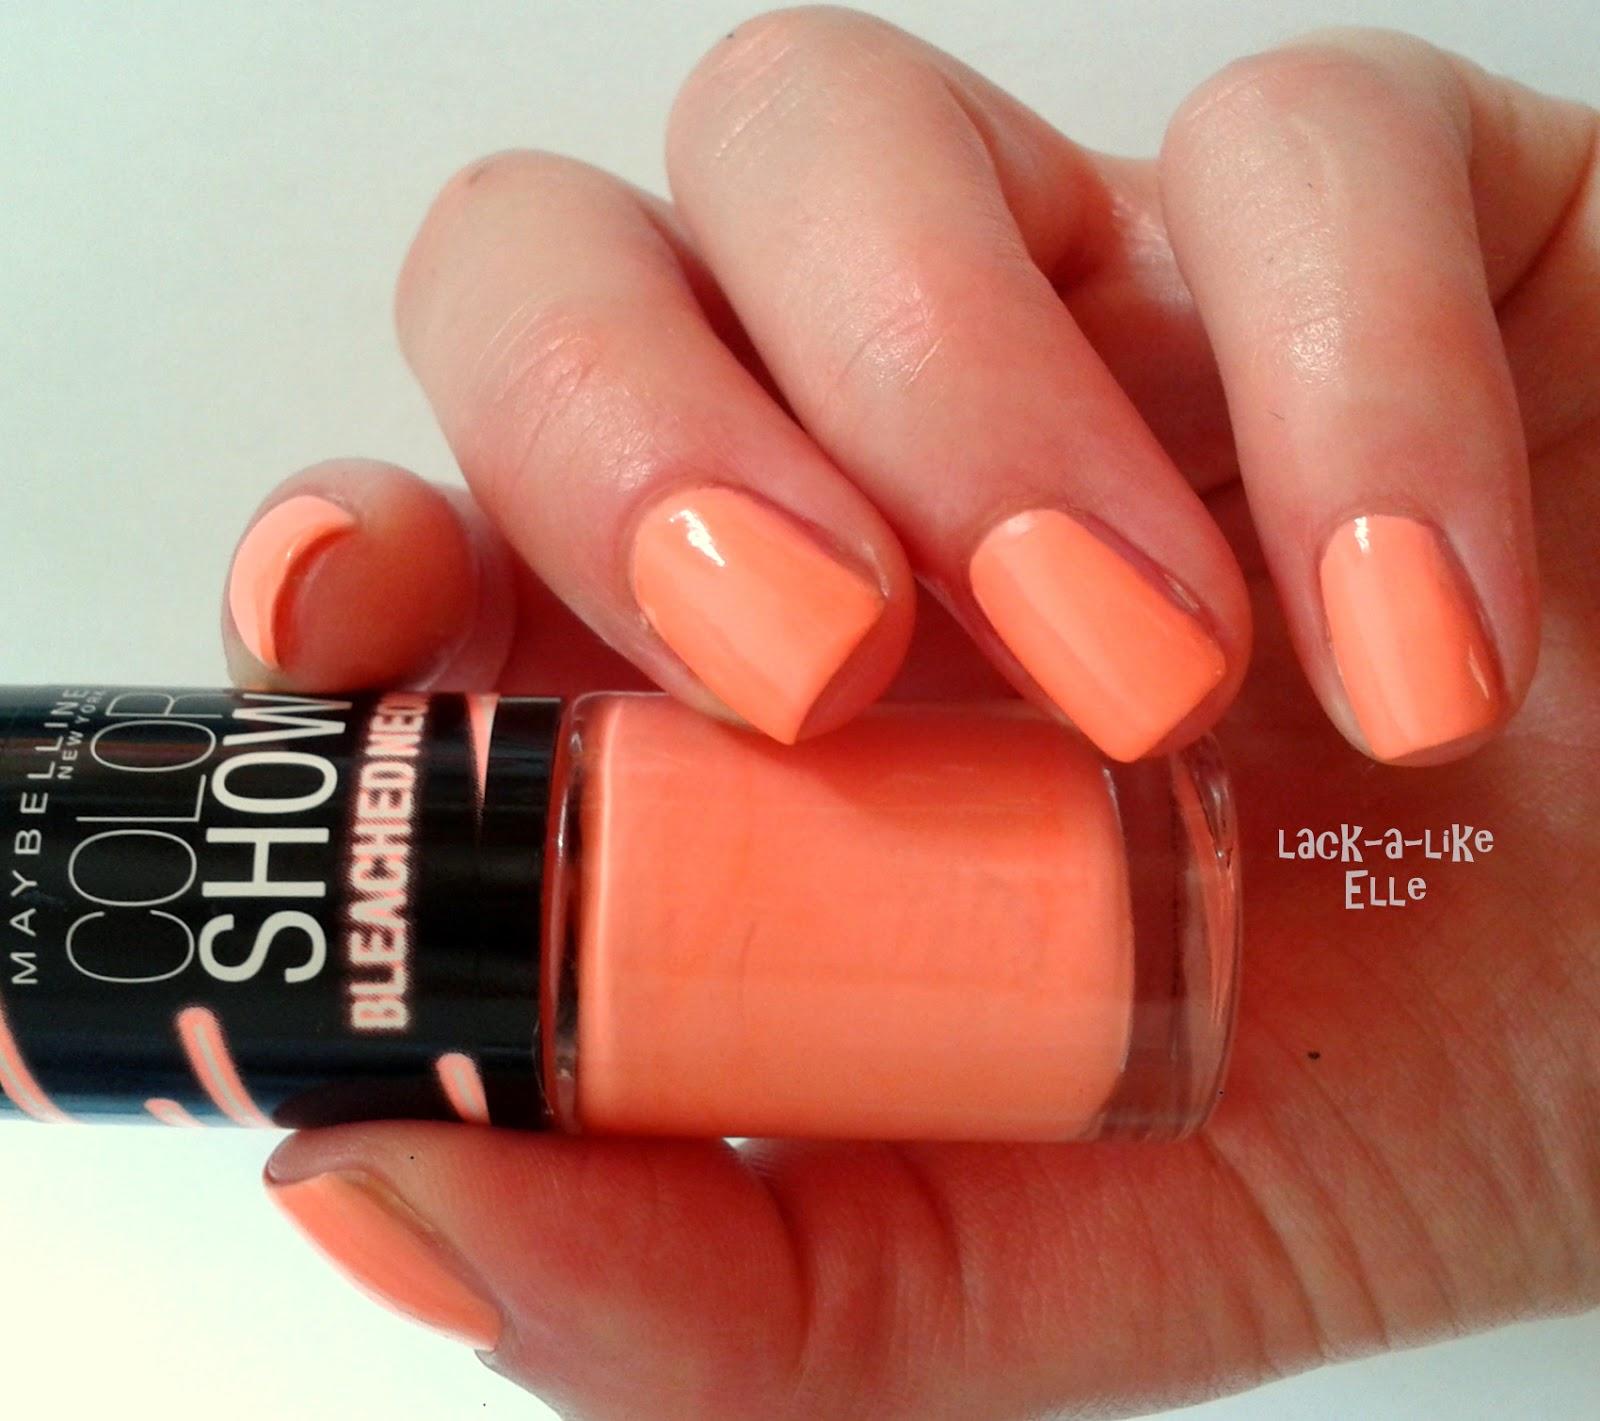 Lack a like: orange für lacke in farbe... und bunt!